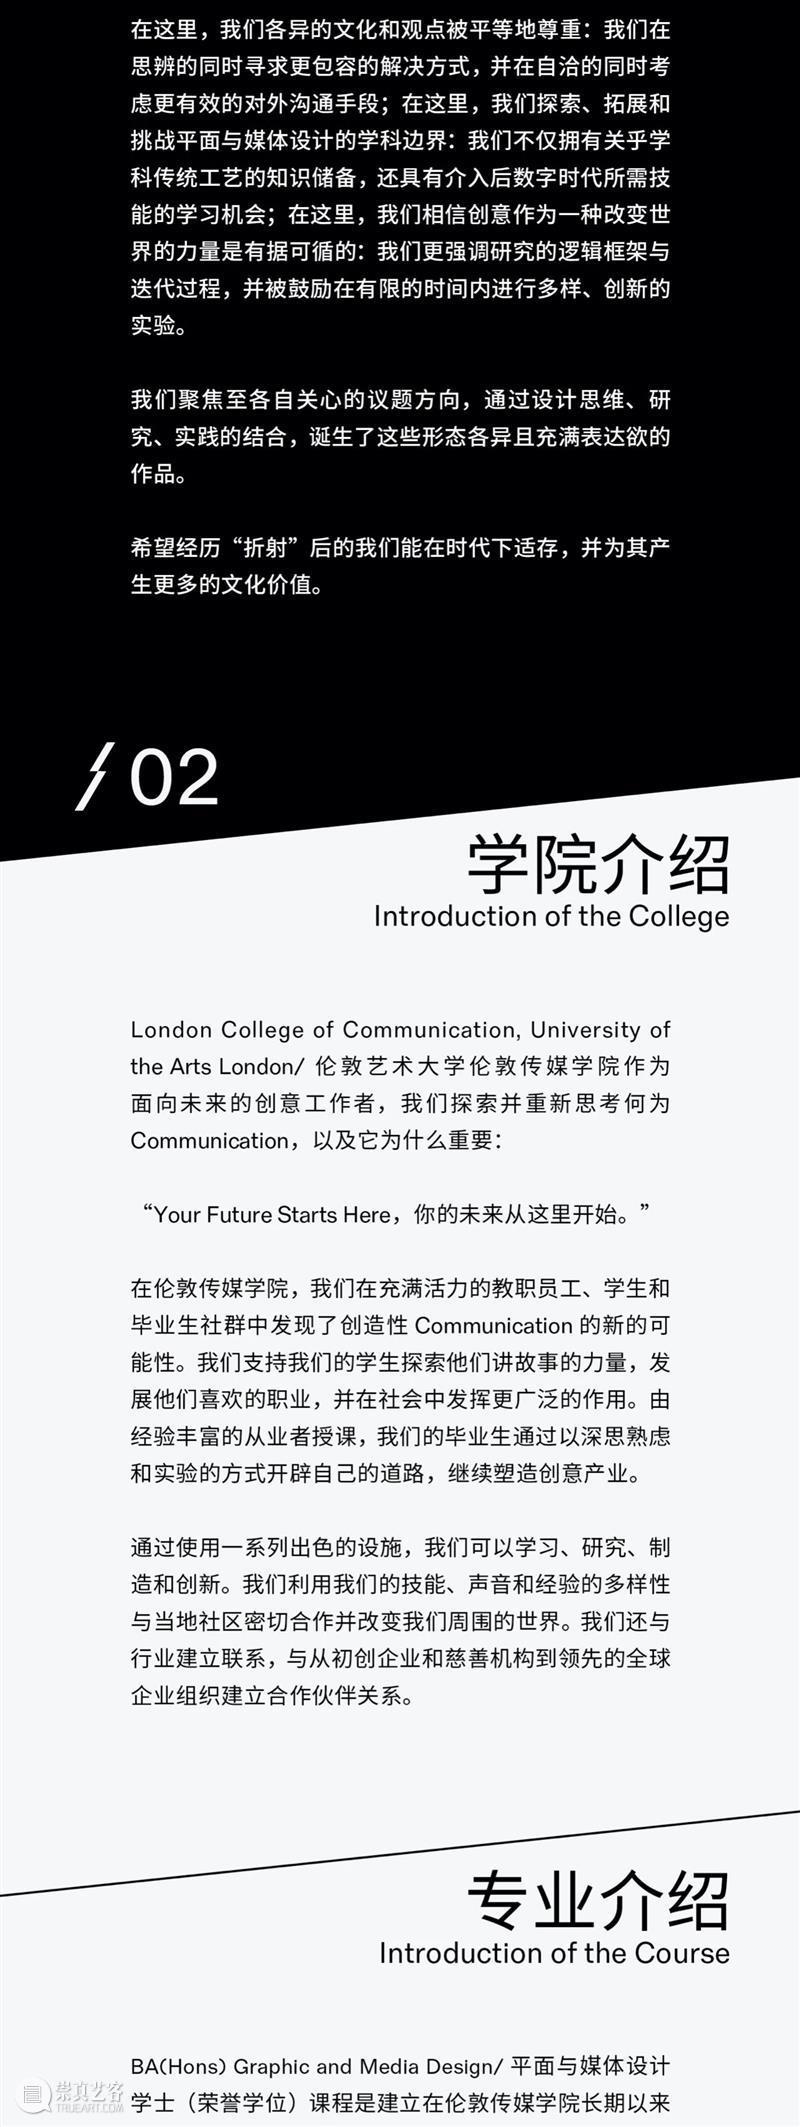 伦敦艺术大学平面与媒体设计系优秀作品展示  新媒体艺术站 作品 媒体 伦敦艺术大学 平面 下方 程序 MANA 全球 新媒体 艺术 崇真艺客